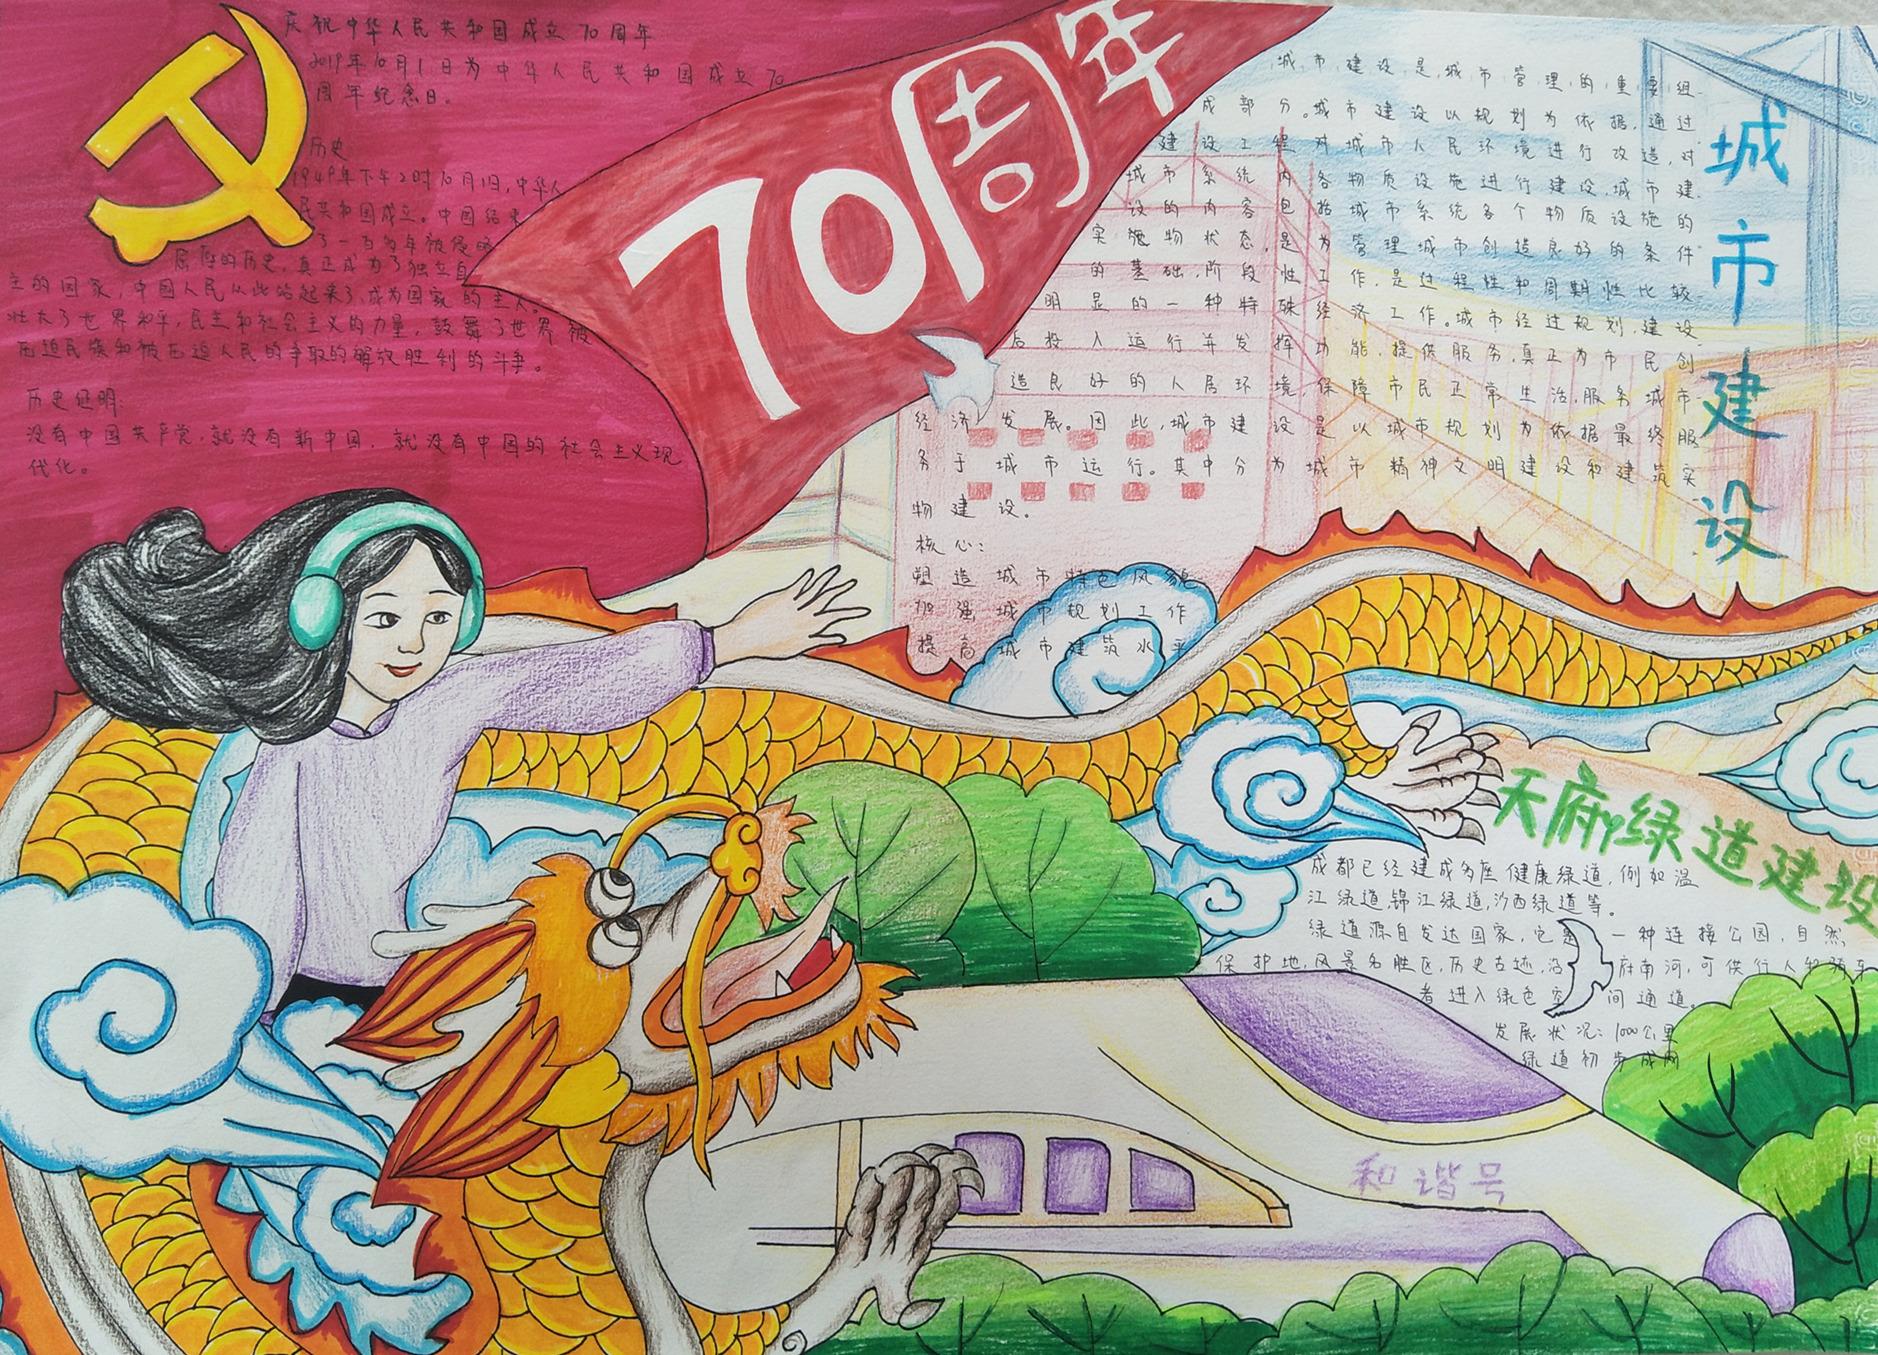 青羊区-树德实验中学清波校区九年级23班-李晨希《庆祝祖国70周年华诞》